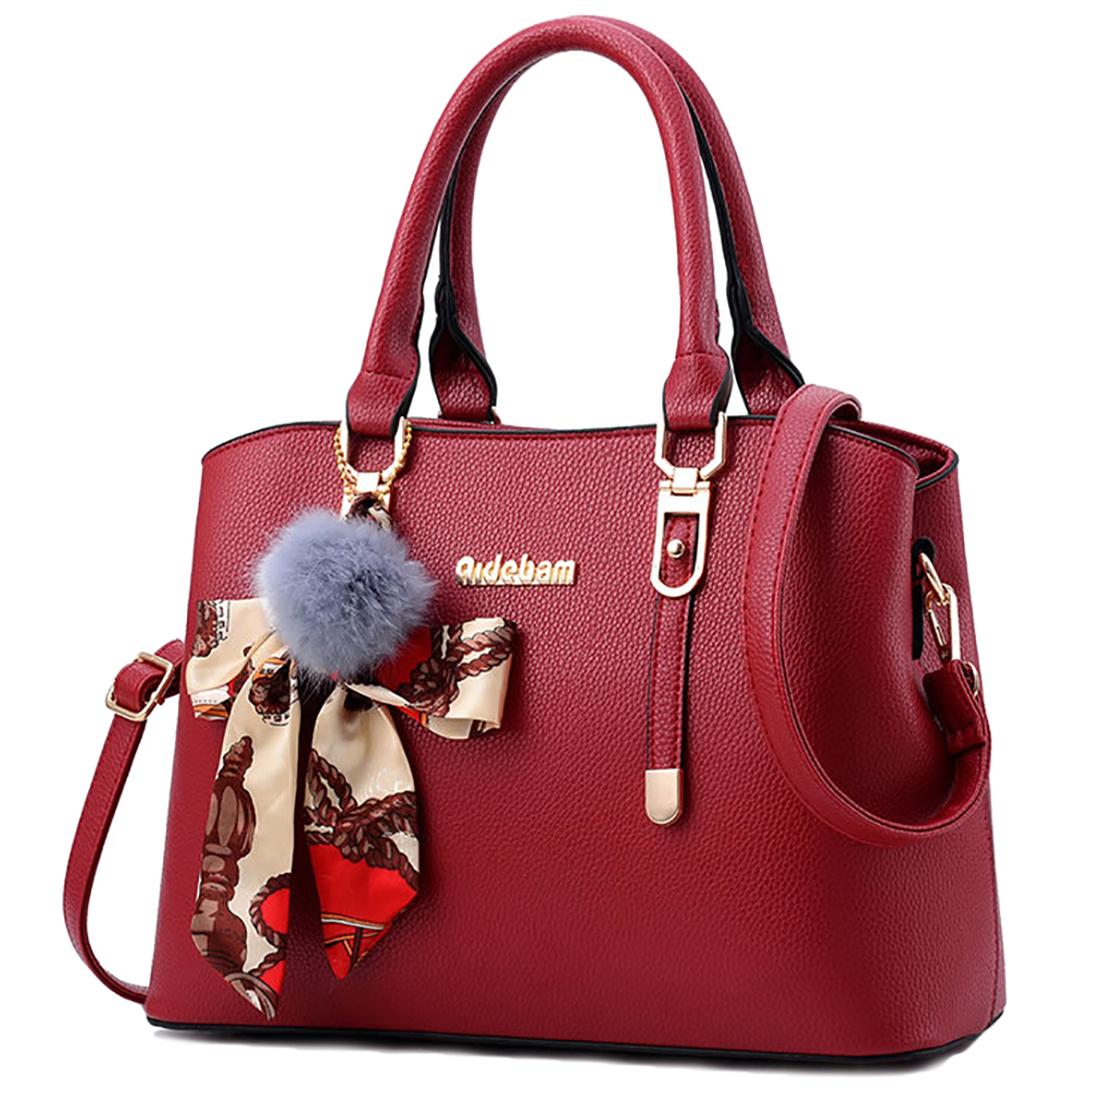 Top Handle Hand Bags